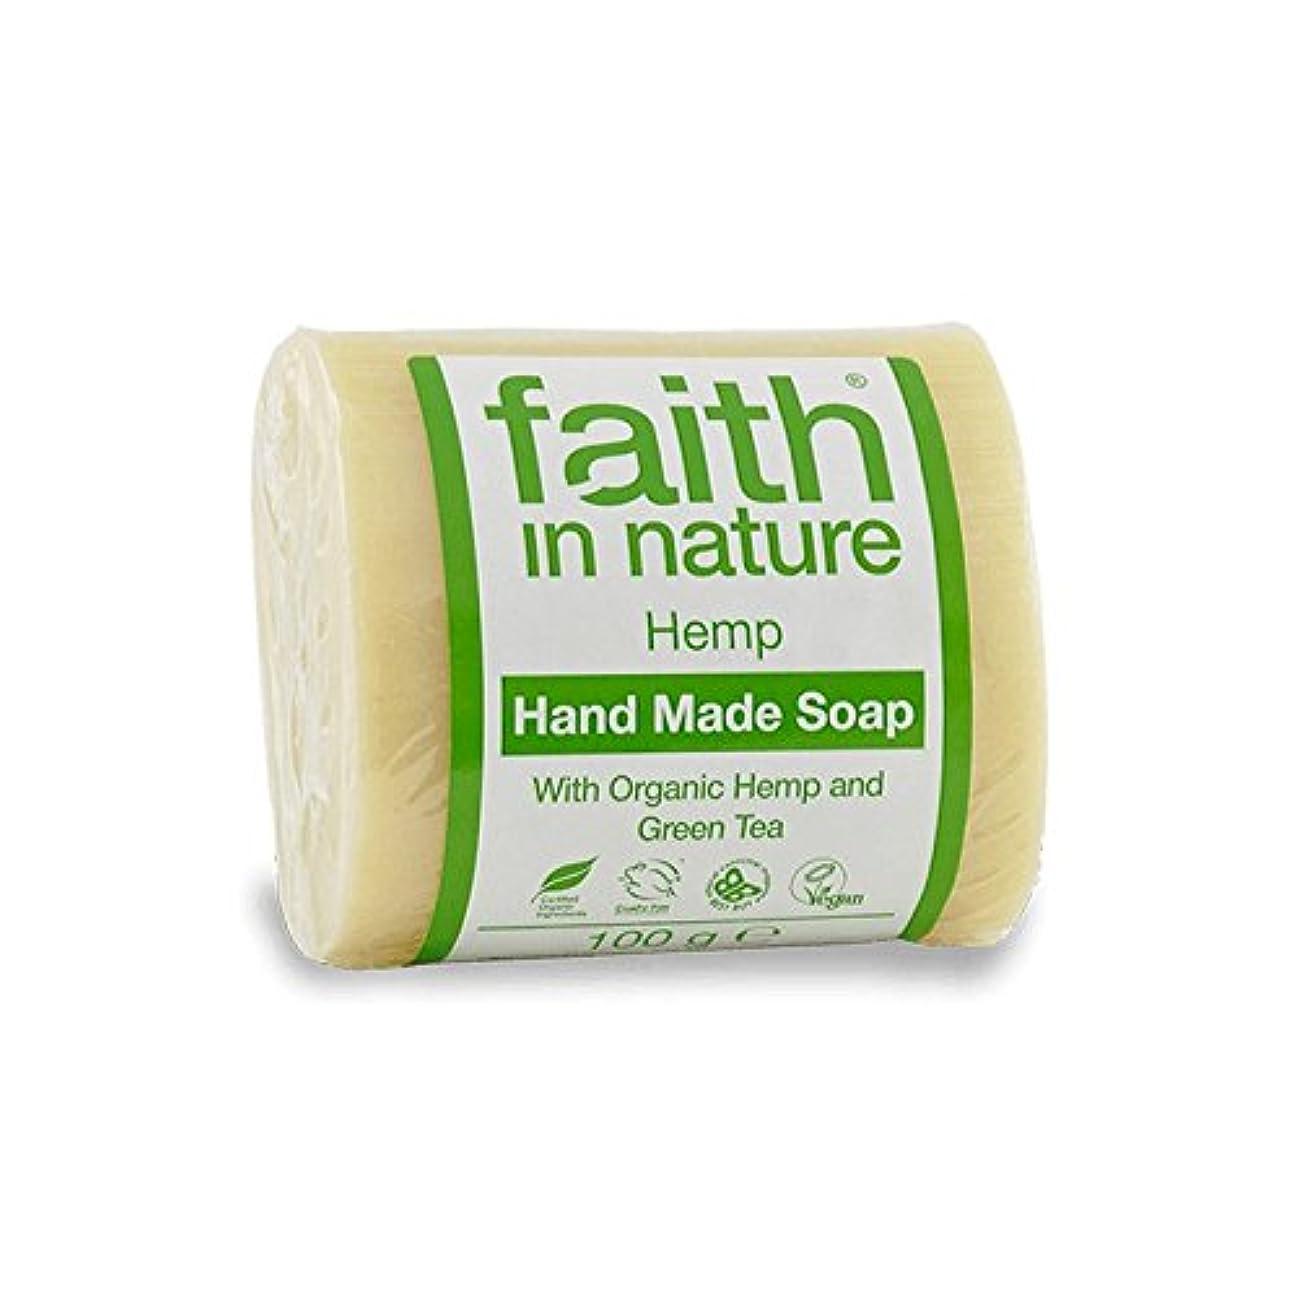 背の高い刈るミサイルFaith in Nature Hemp with Green Tea Soap 100g (Pack of 6) - 緑茶石鹸100グラムと自然の麻の信仰 (x6) [並行輸入品]